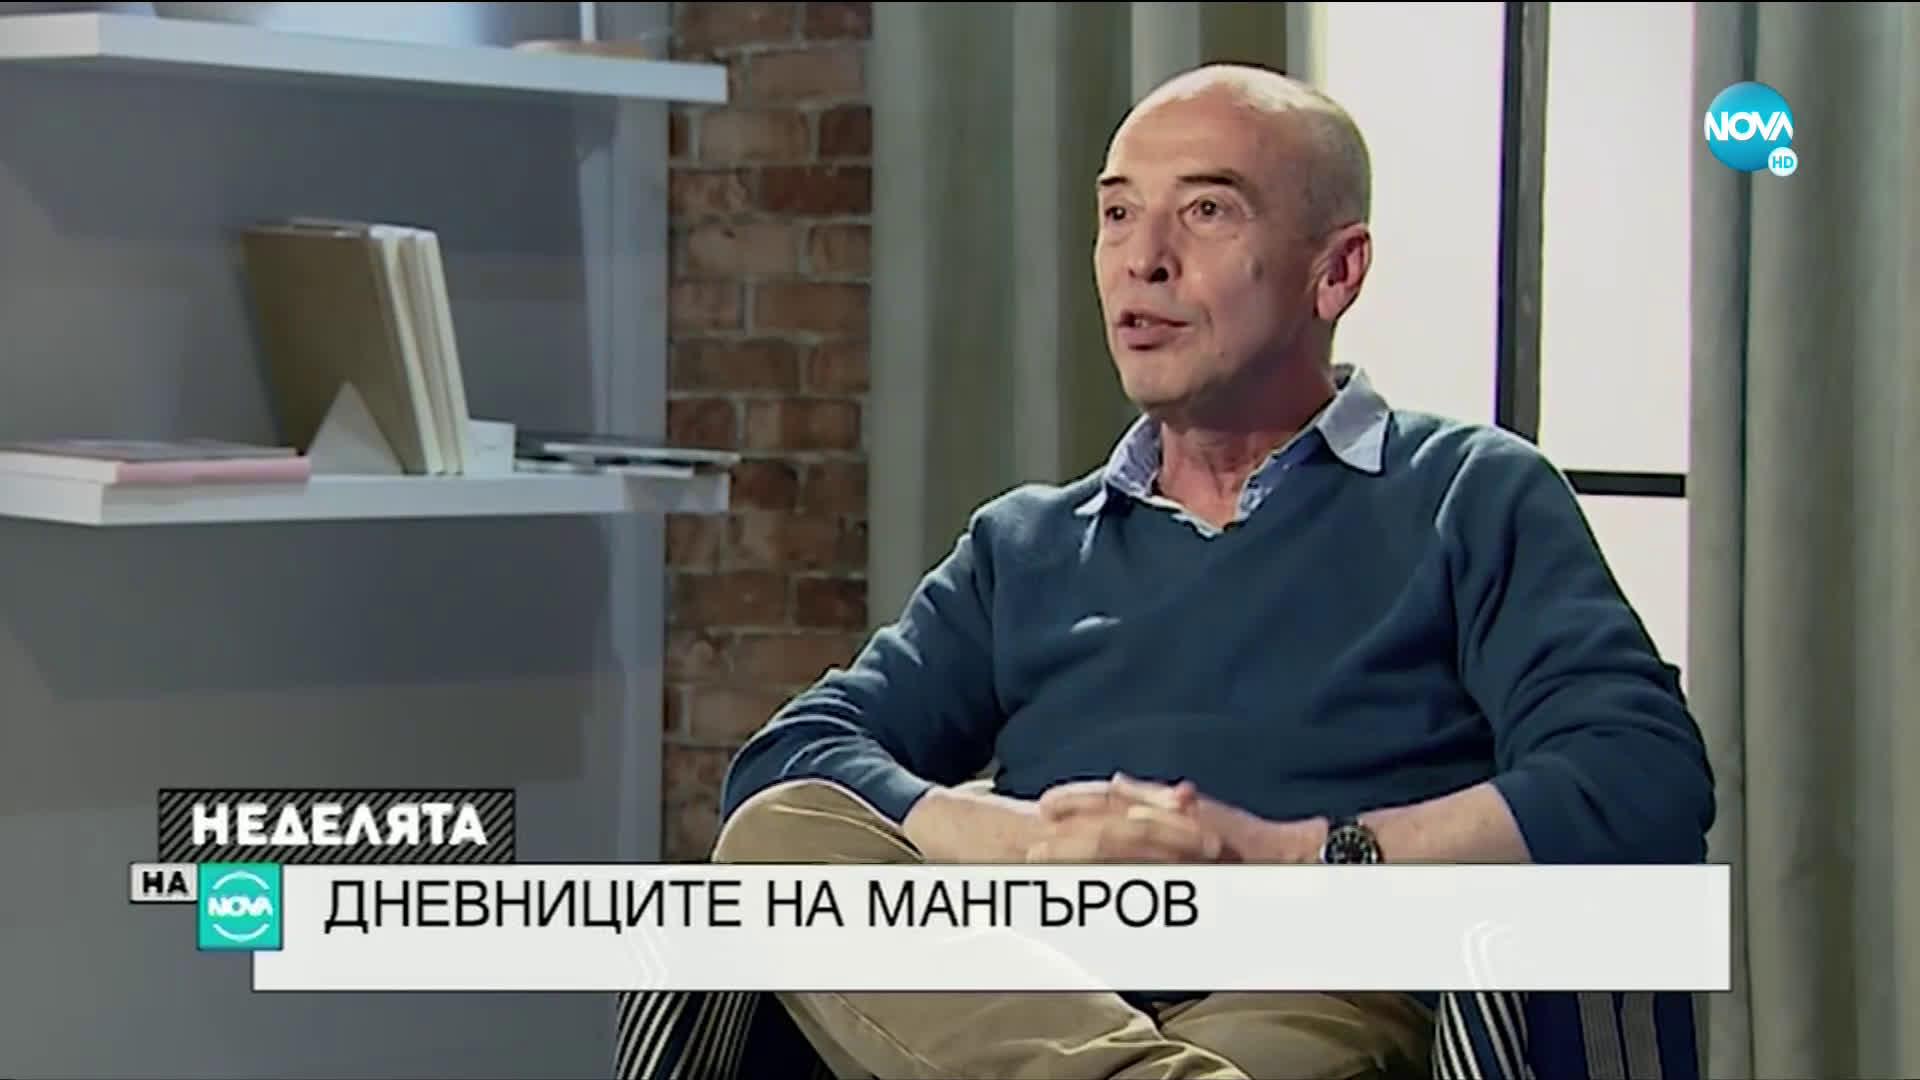 РОК-ЗВЕЗДА ИЛИ ЧЕРНА ОВЦА: Дневниците на доц. Атанас Мангъров